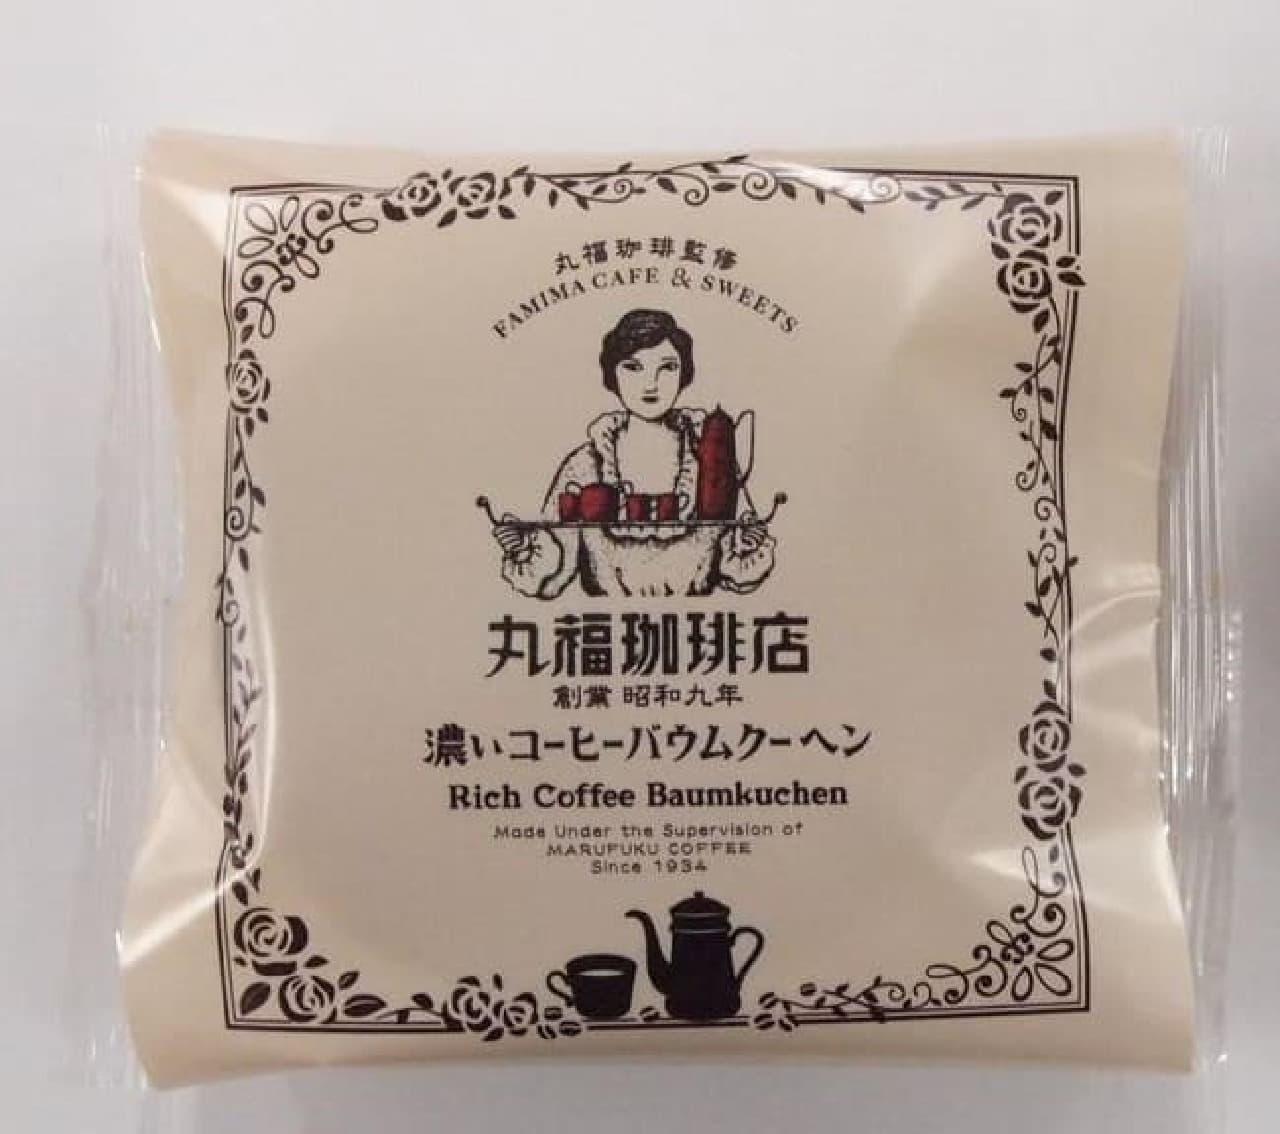 ファミリーマート「丸福珈琲店」監修「濃いコーヒーバウムクーヘン」